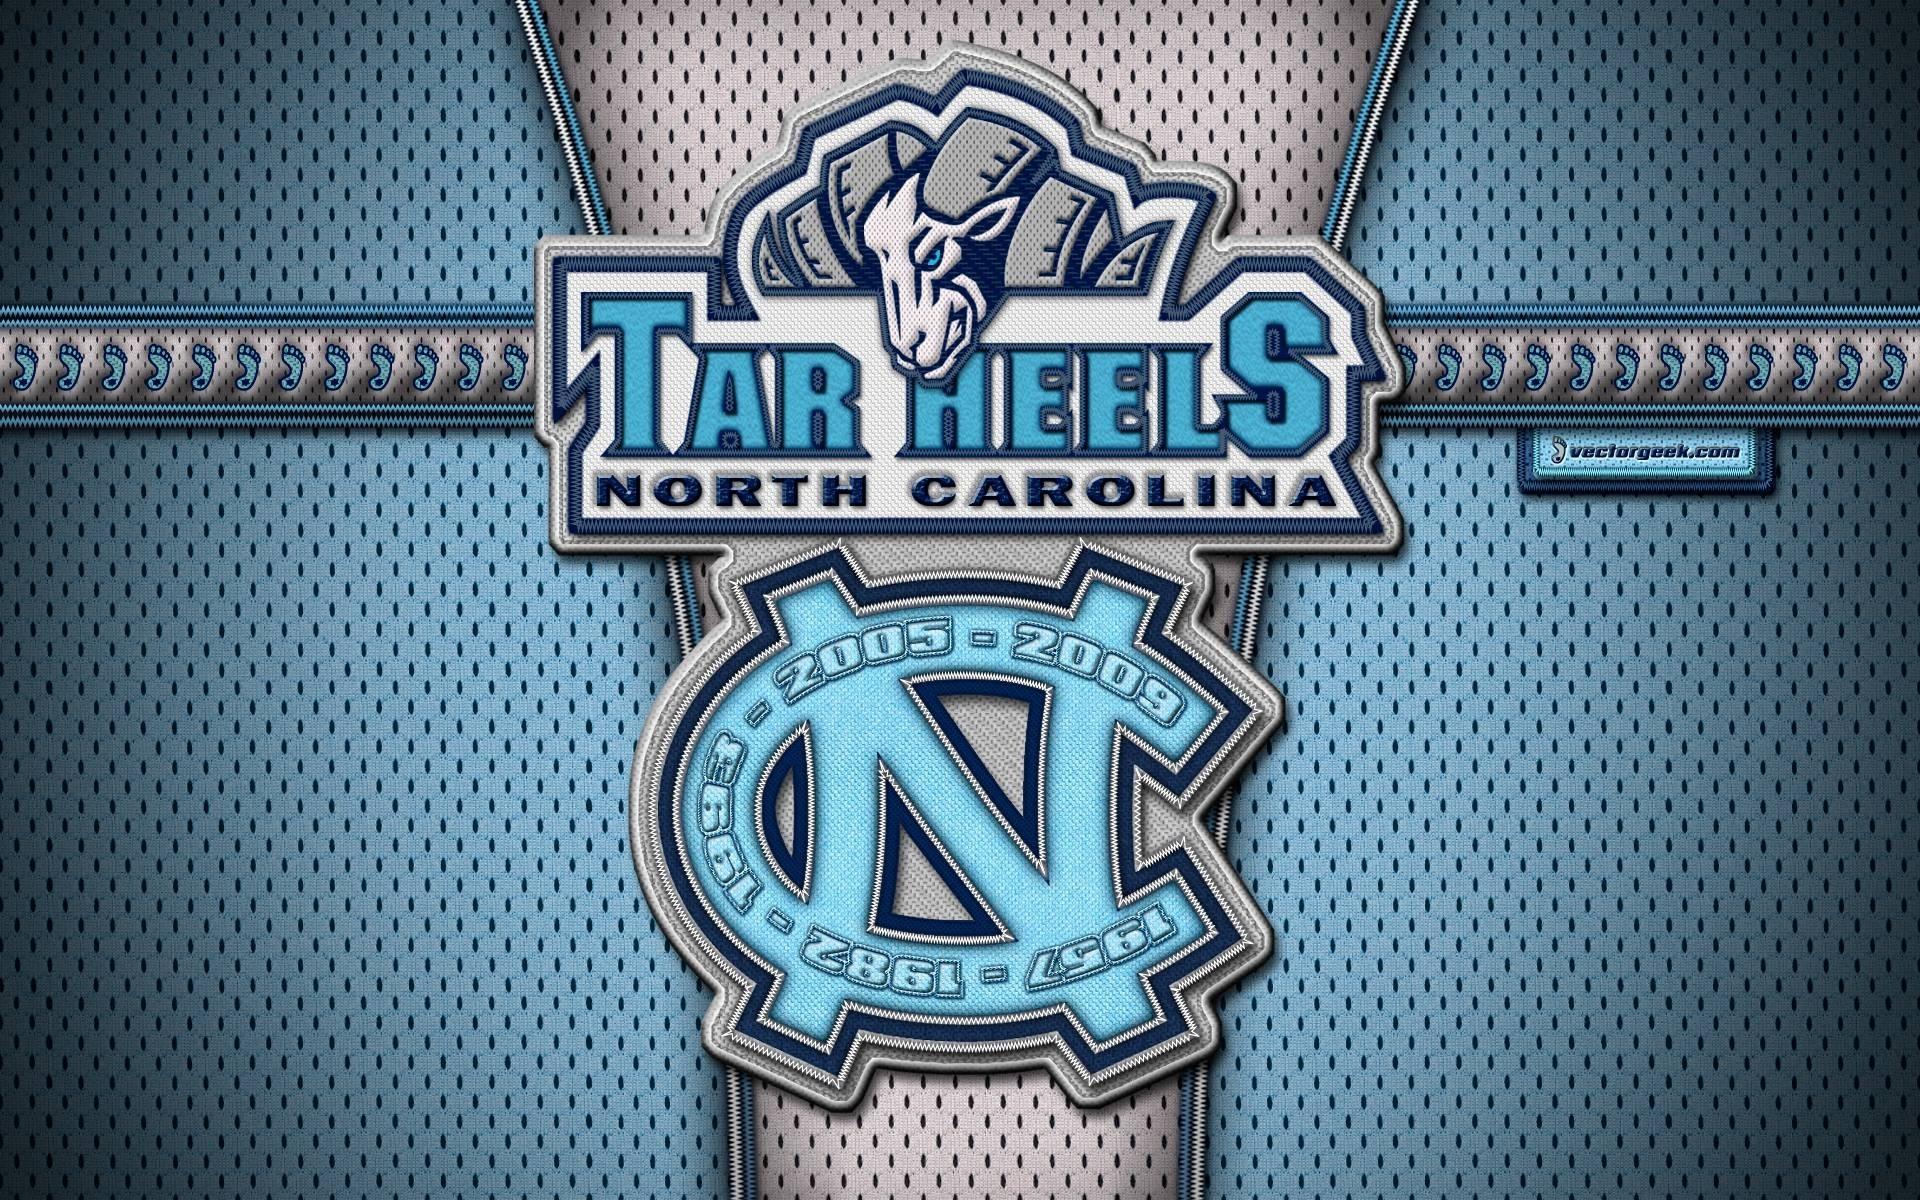 north carolina tar heels basketball wallpapers group (59+)